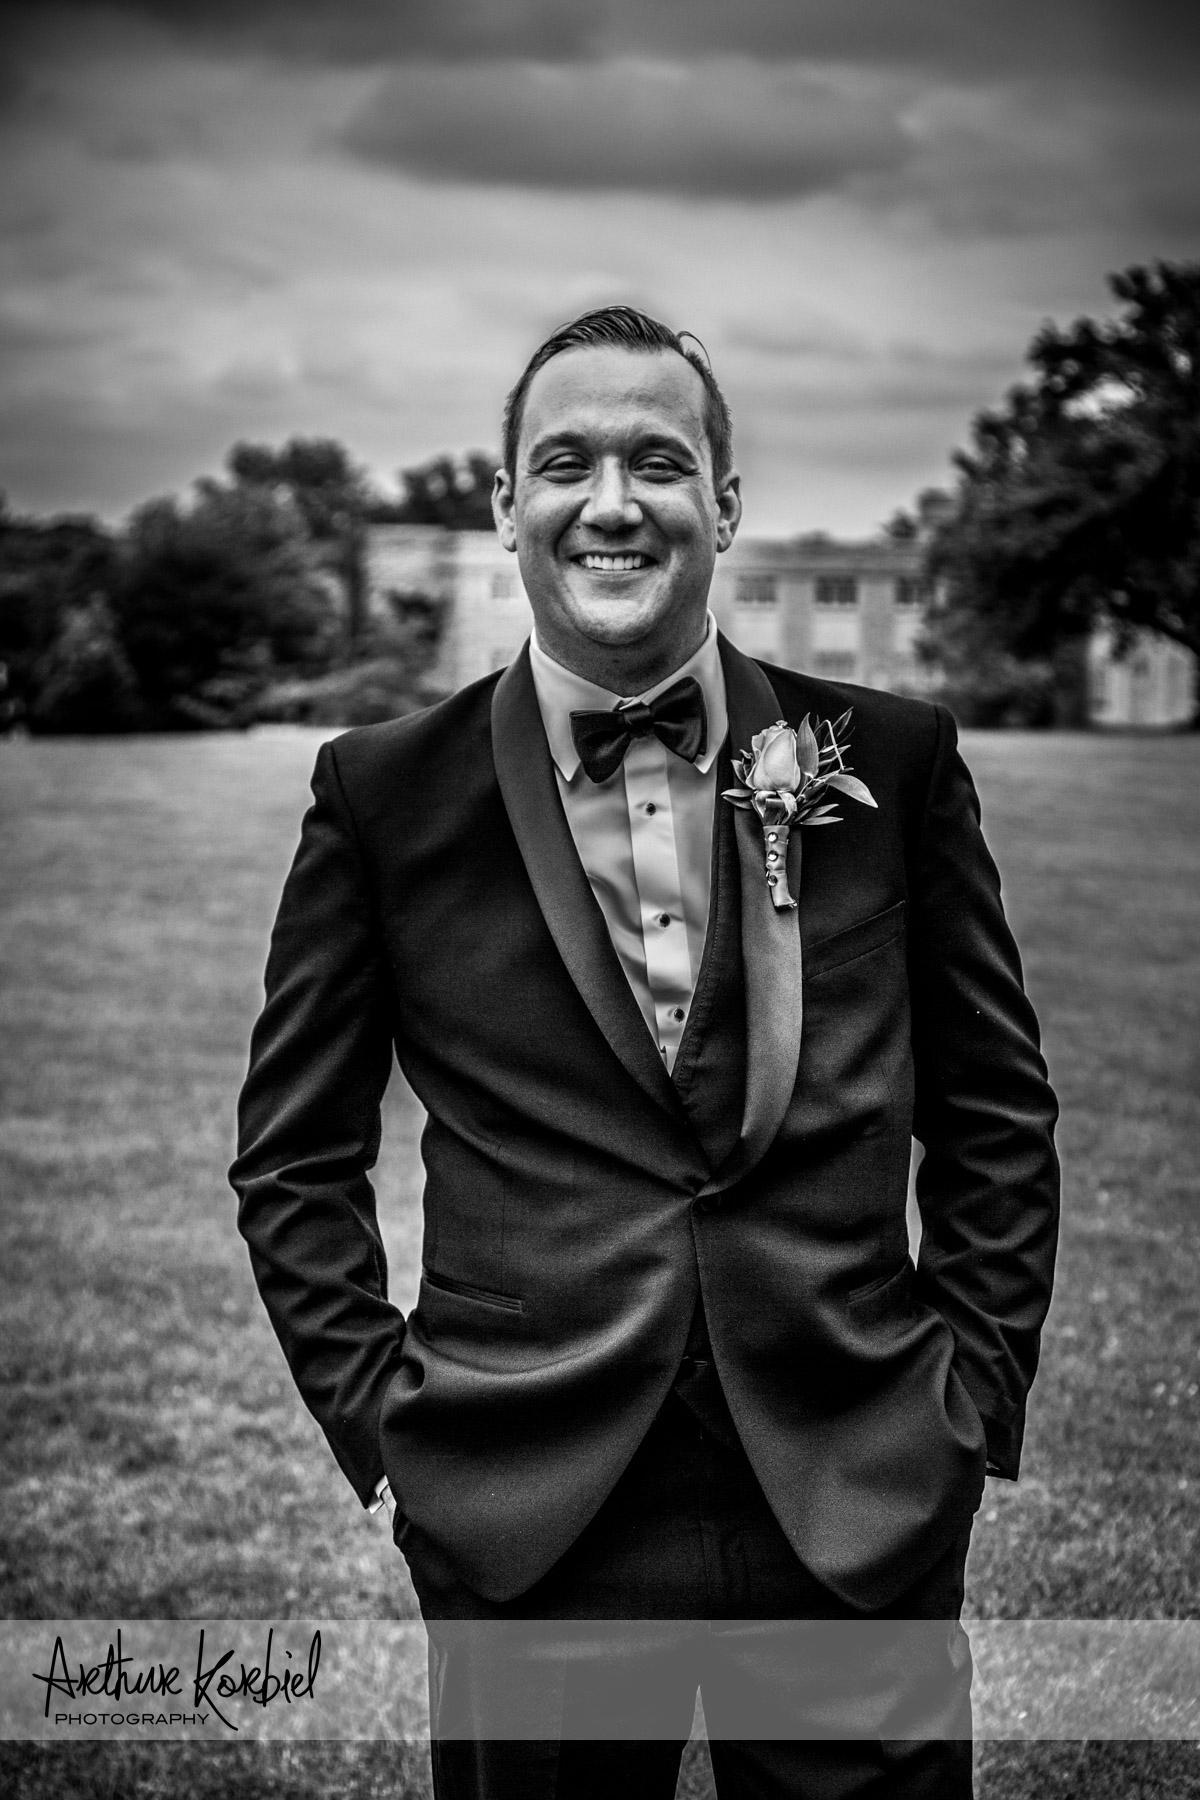 Arthur Korbiel Photography - London Wedding Photographer-023.jpg